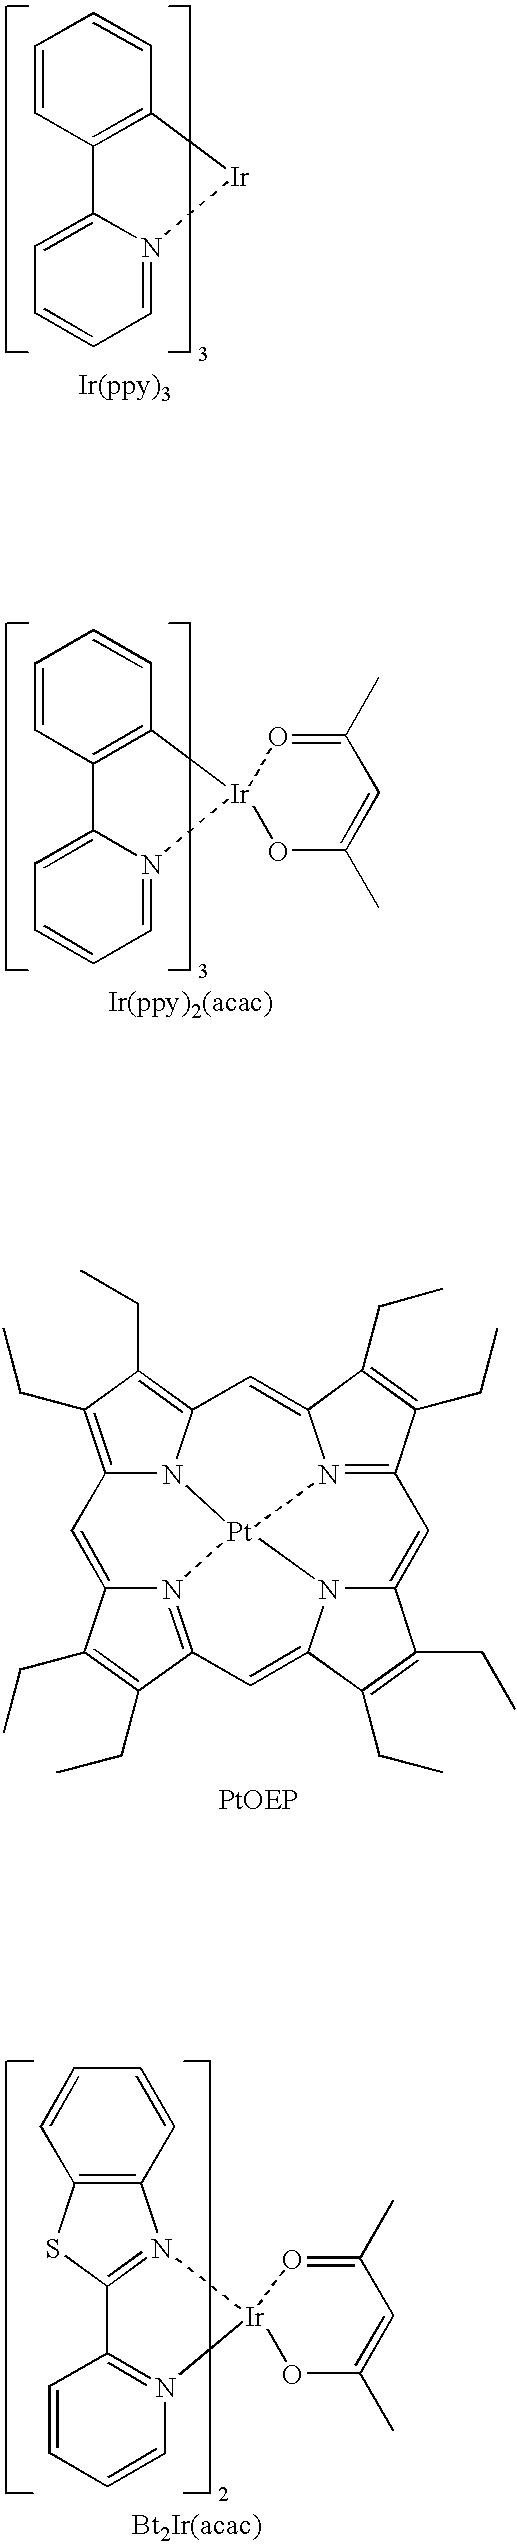 Figure US20050127826A1-20050616-C00013